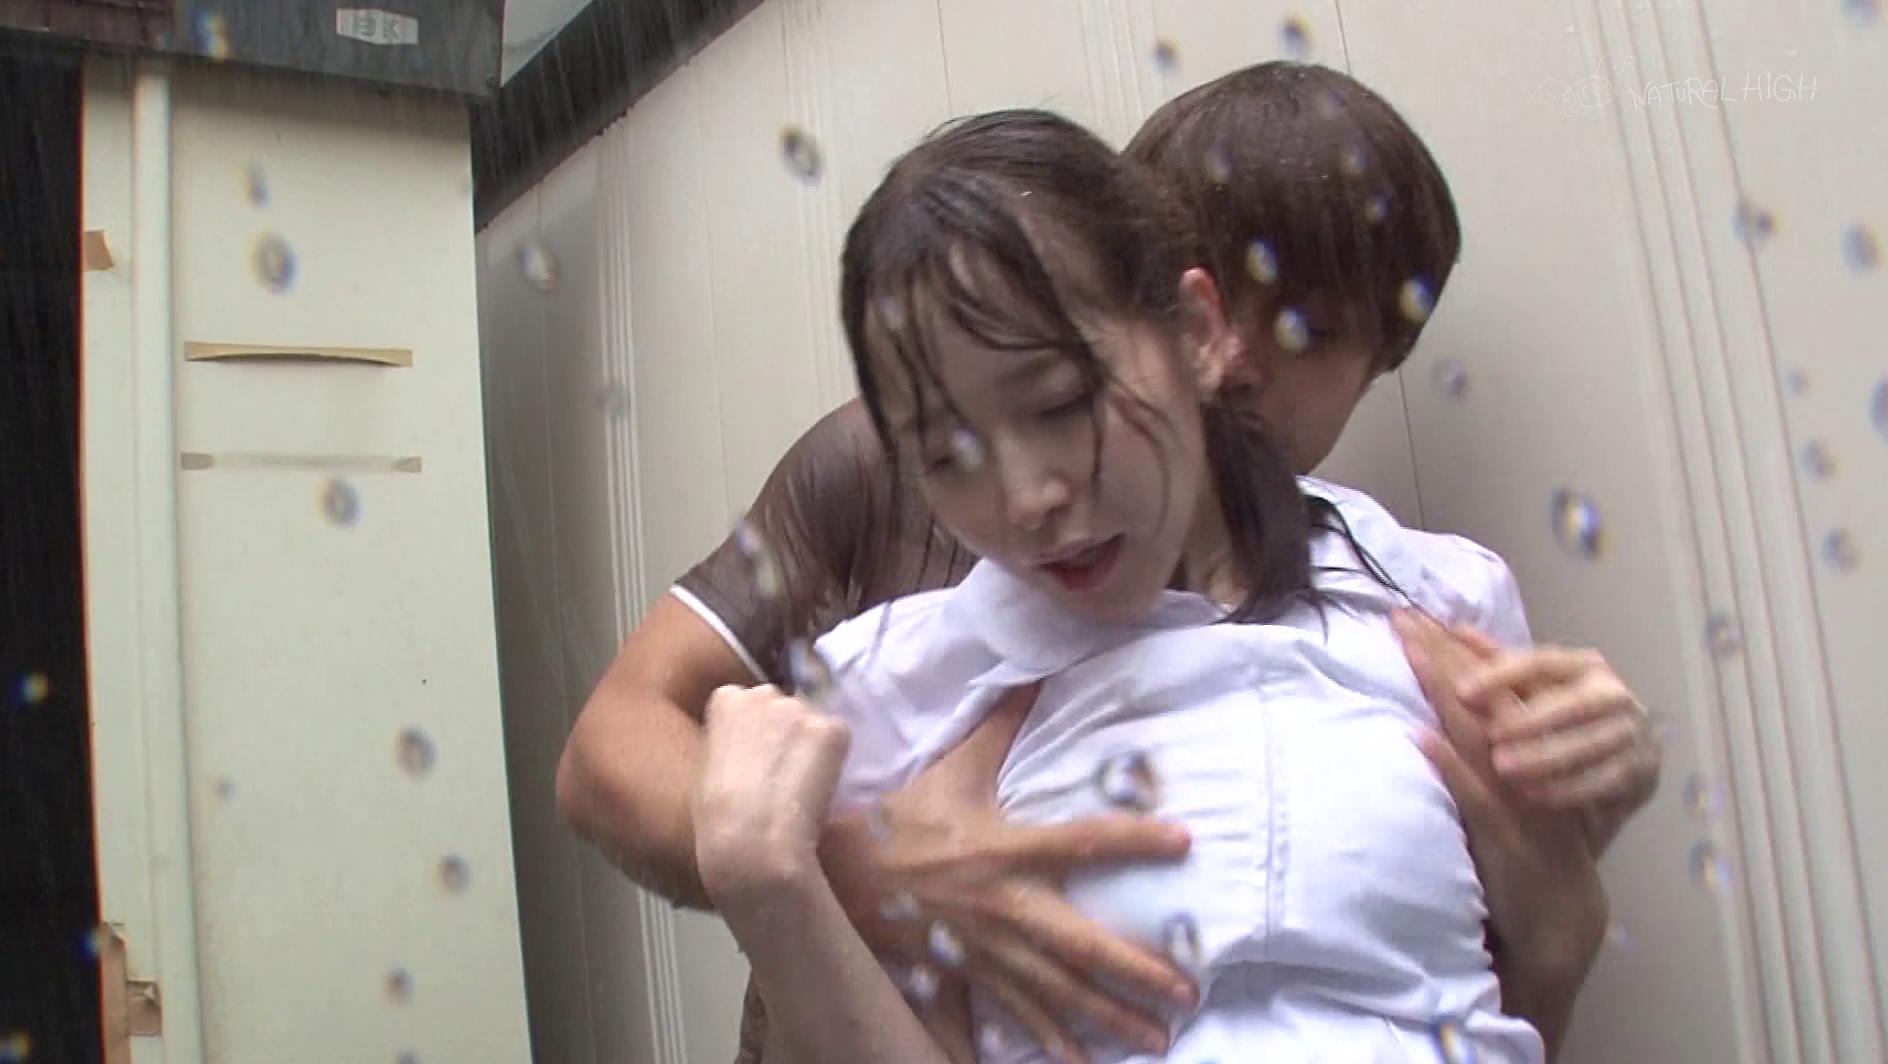 【悲報】どしゃぶりの雨の中レ●プ被害に遭った女の子が悲惨すぎる。(画像あり)・9枚目